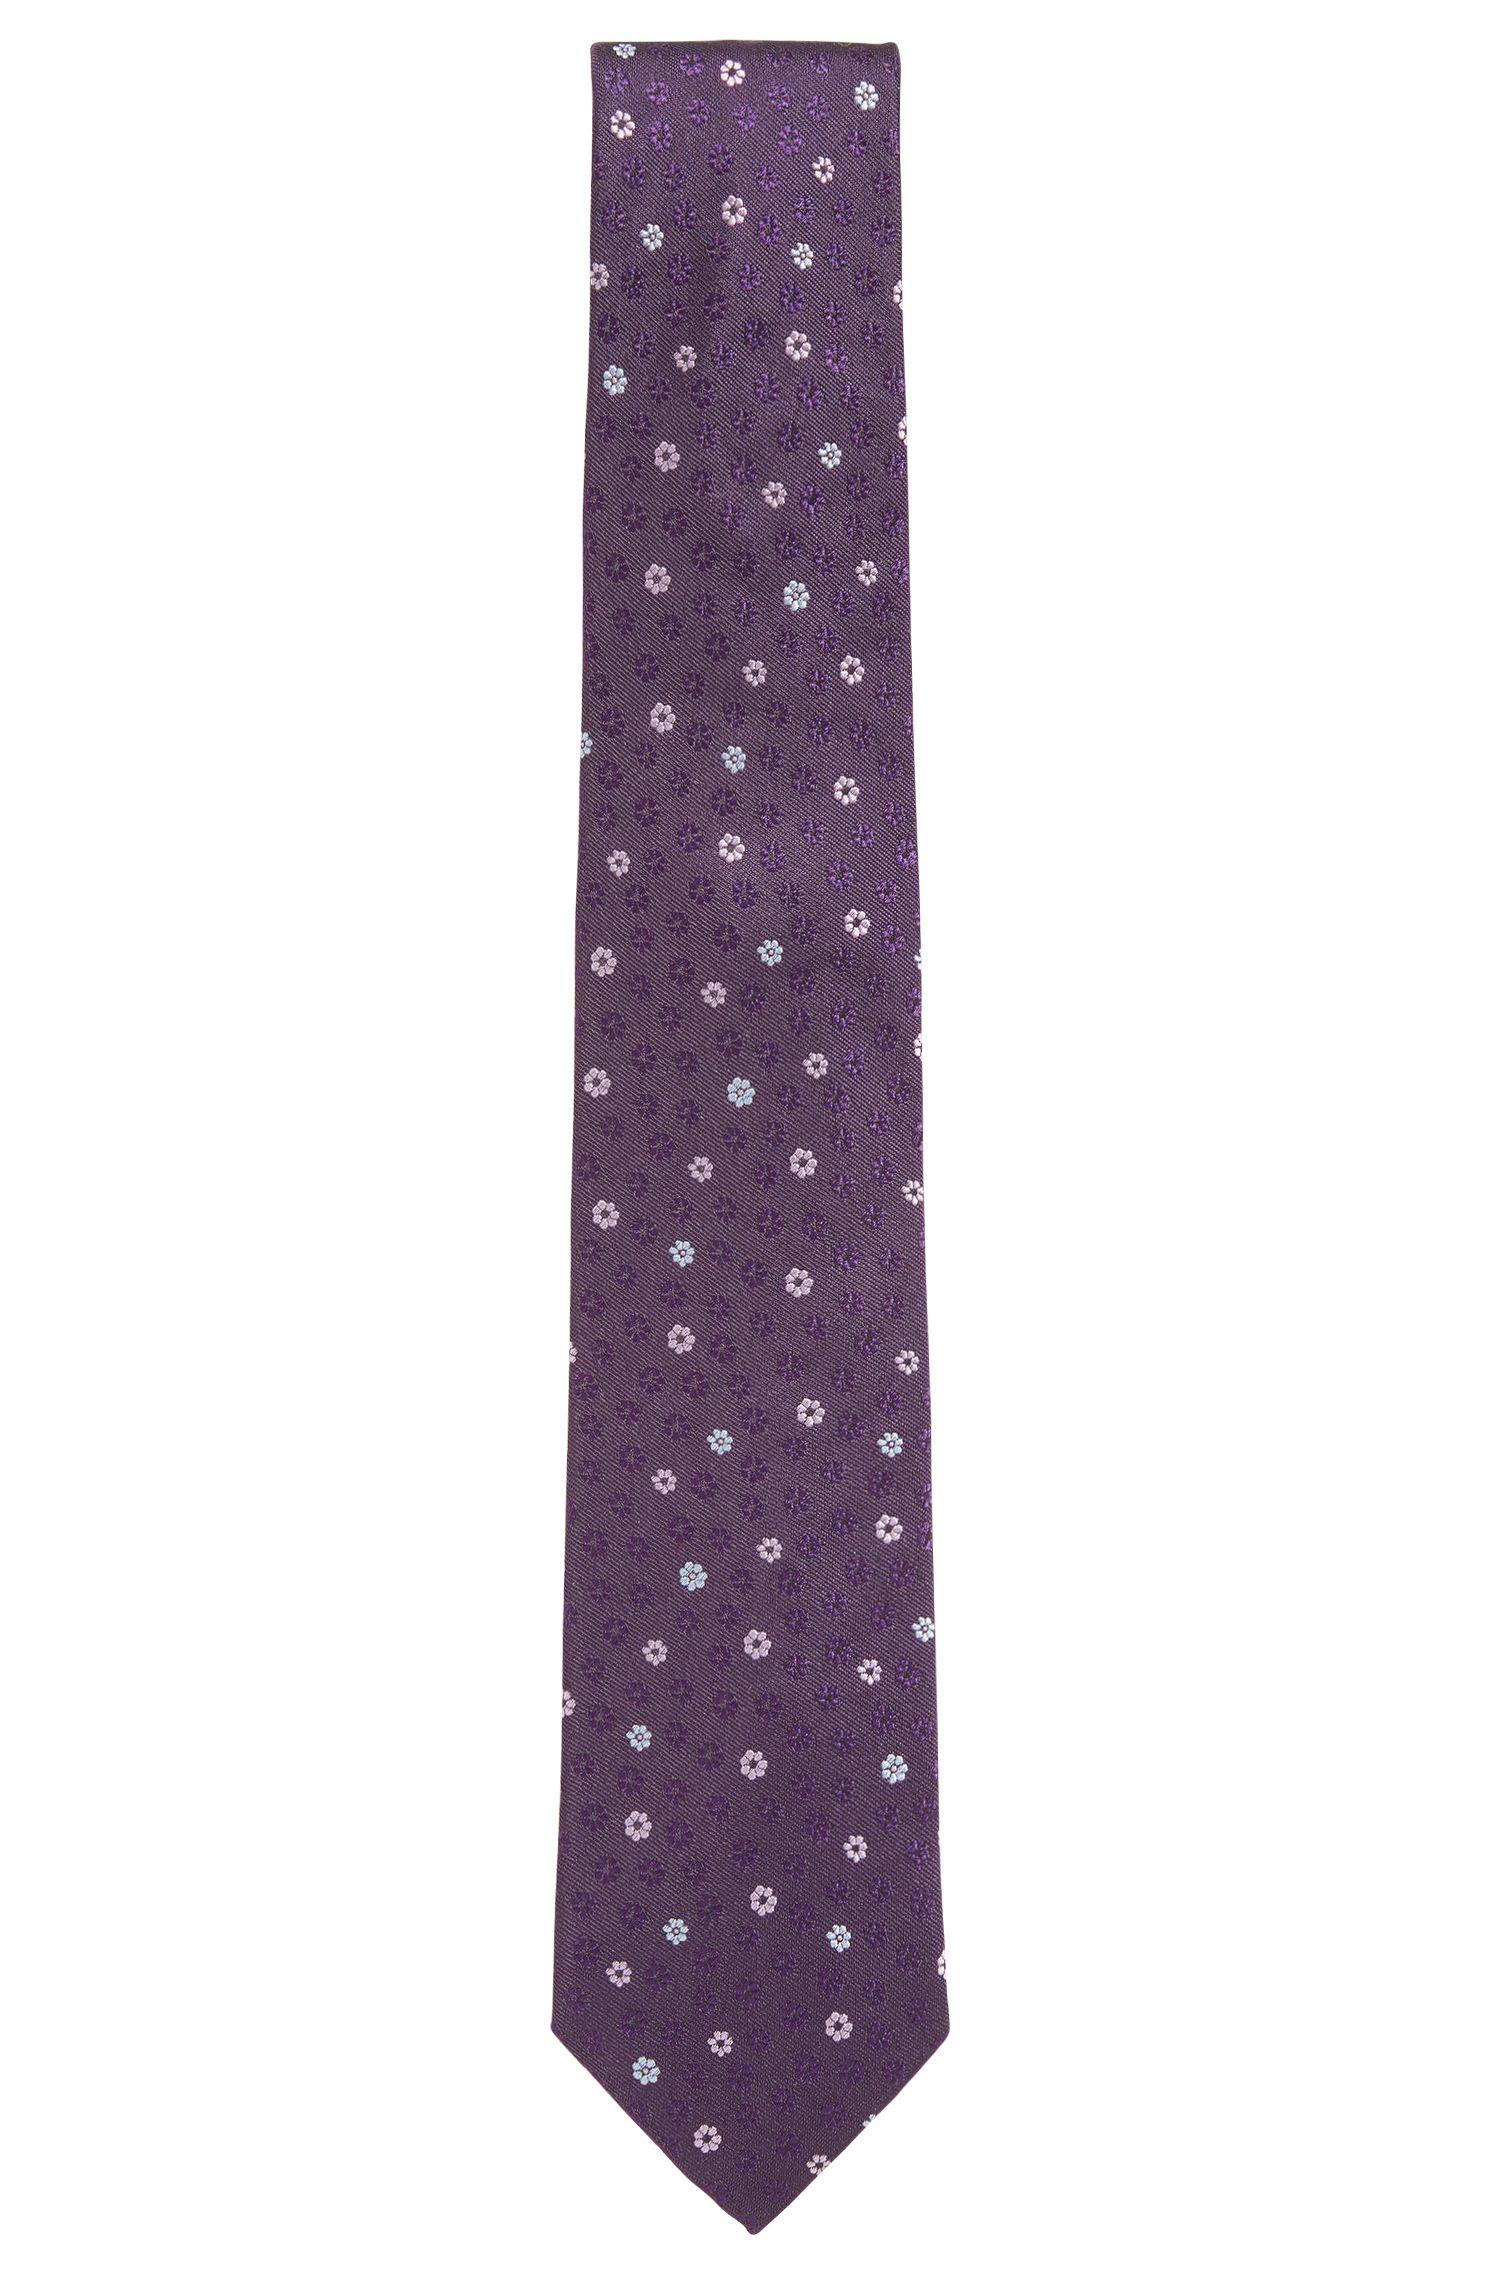 Zijden stropdas met bloemendessin